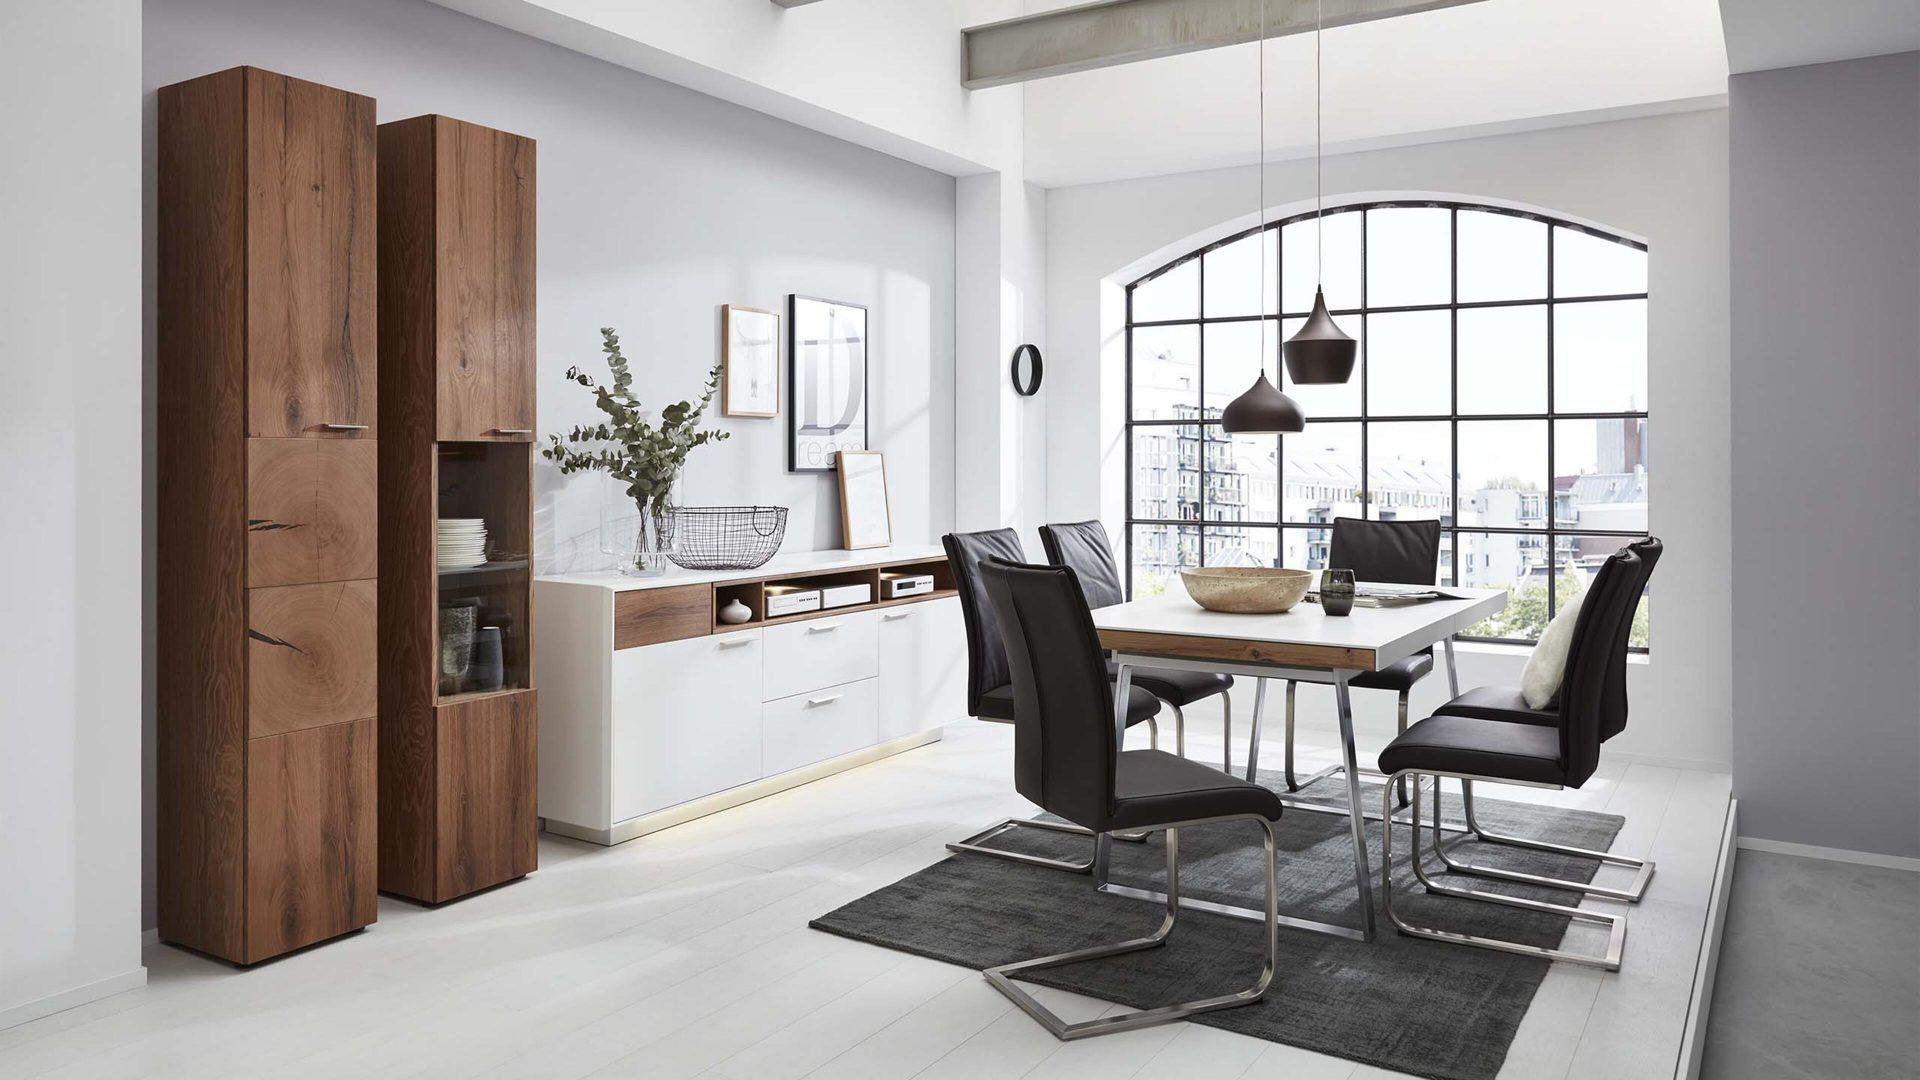 Interliving Wohnzimmer Serie 2102 - Esstisch, dunkles Asteiche-Furnier &  weißer Mattlack – ca. 160 x 90 cm